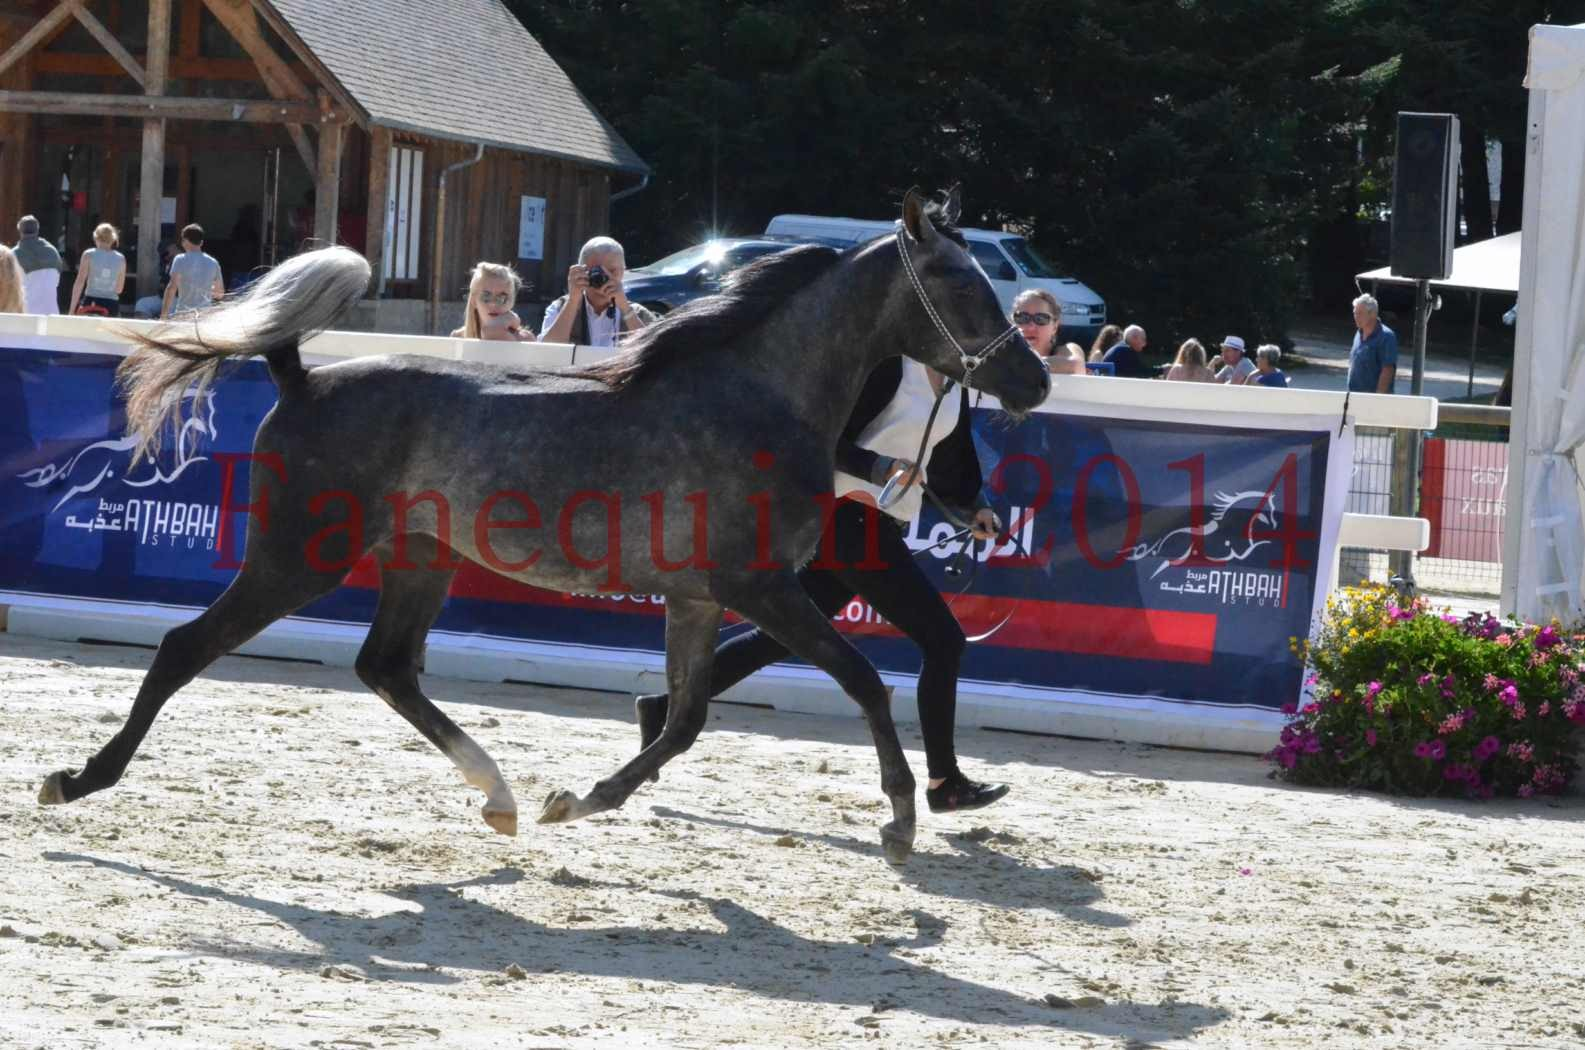 Championnat de FRANCE 2014 - Amateurs - CHTI KAID D'AUBIN - 31